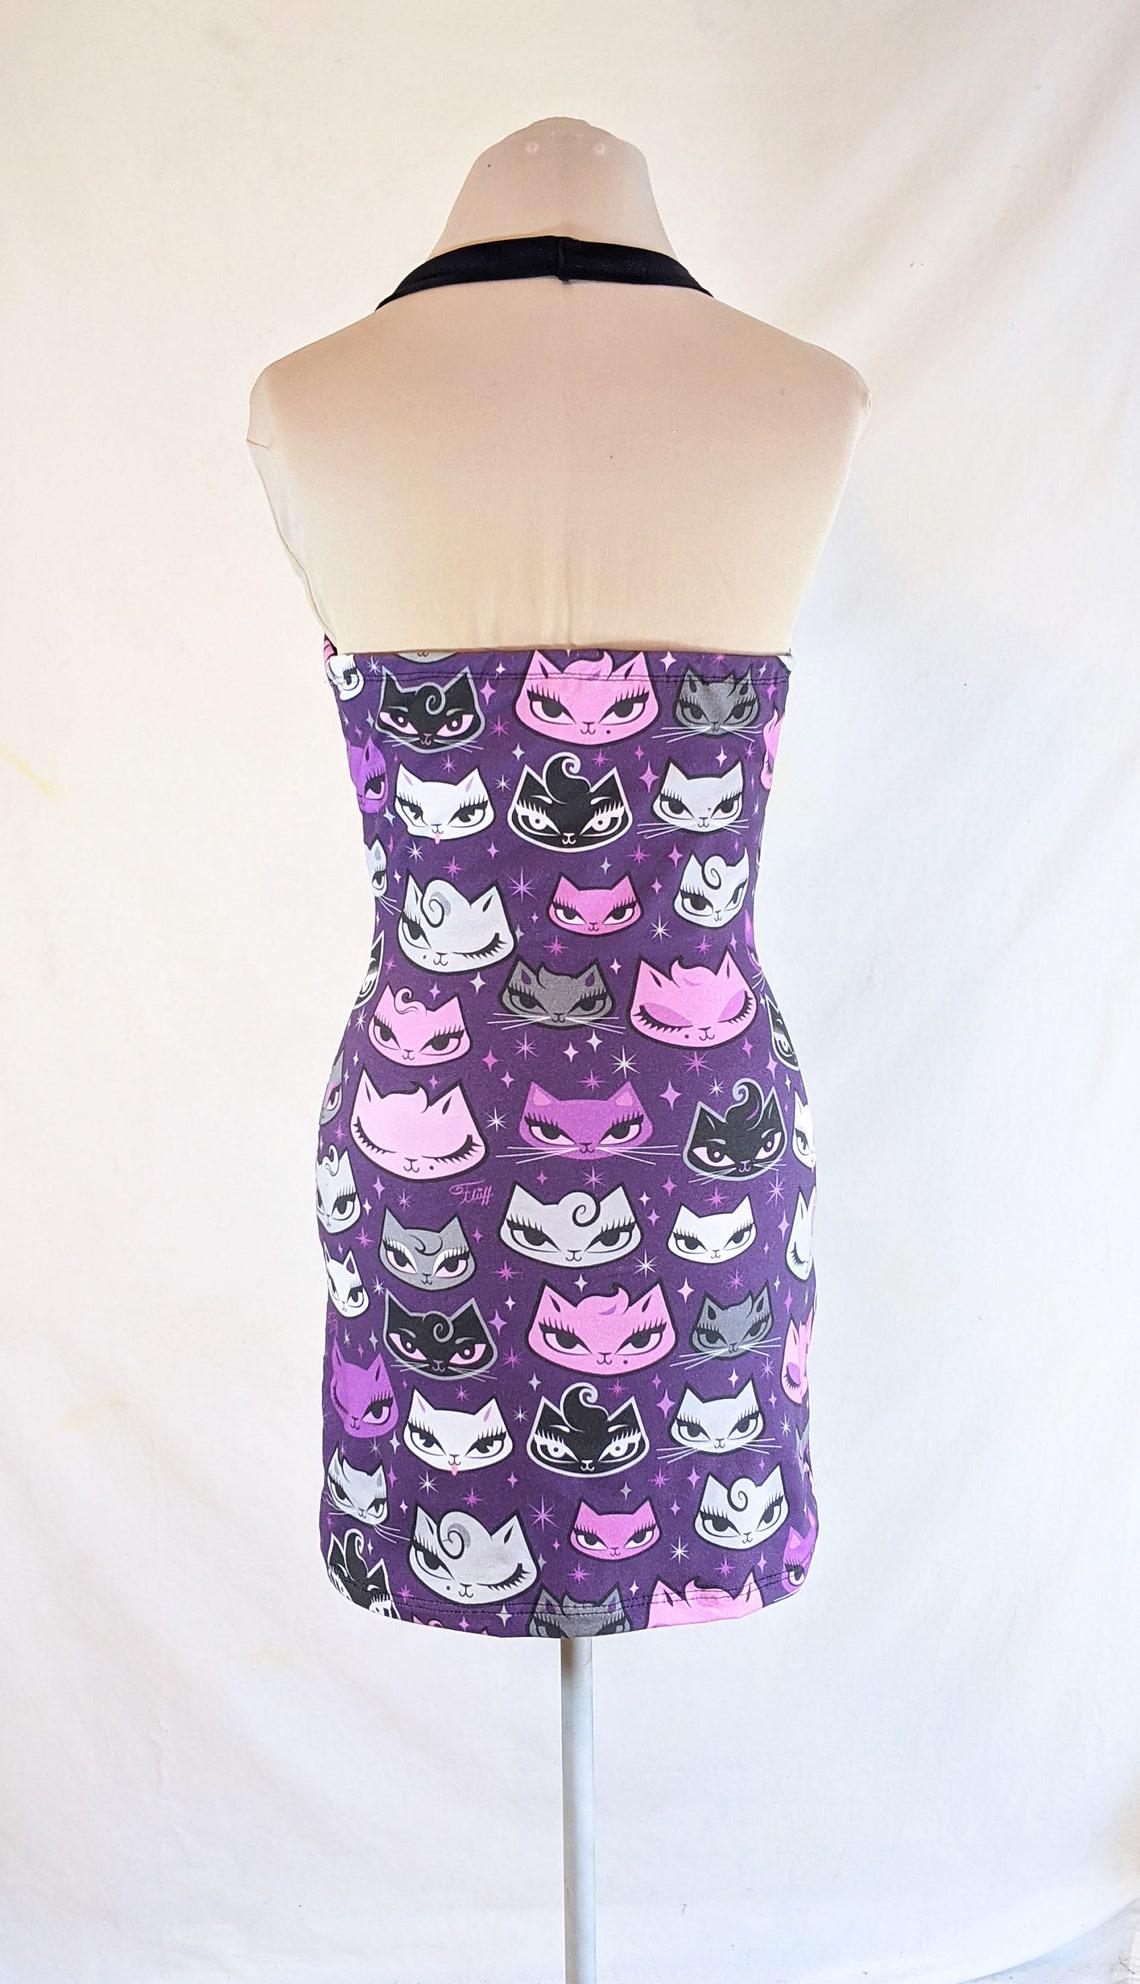 Rockabilly punkabilly psychobilly 50's style halter dress